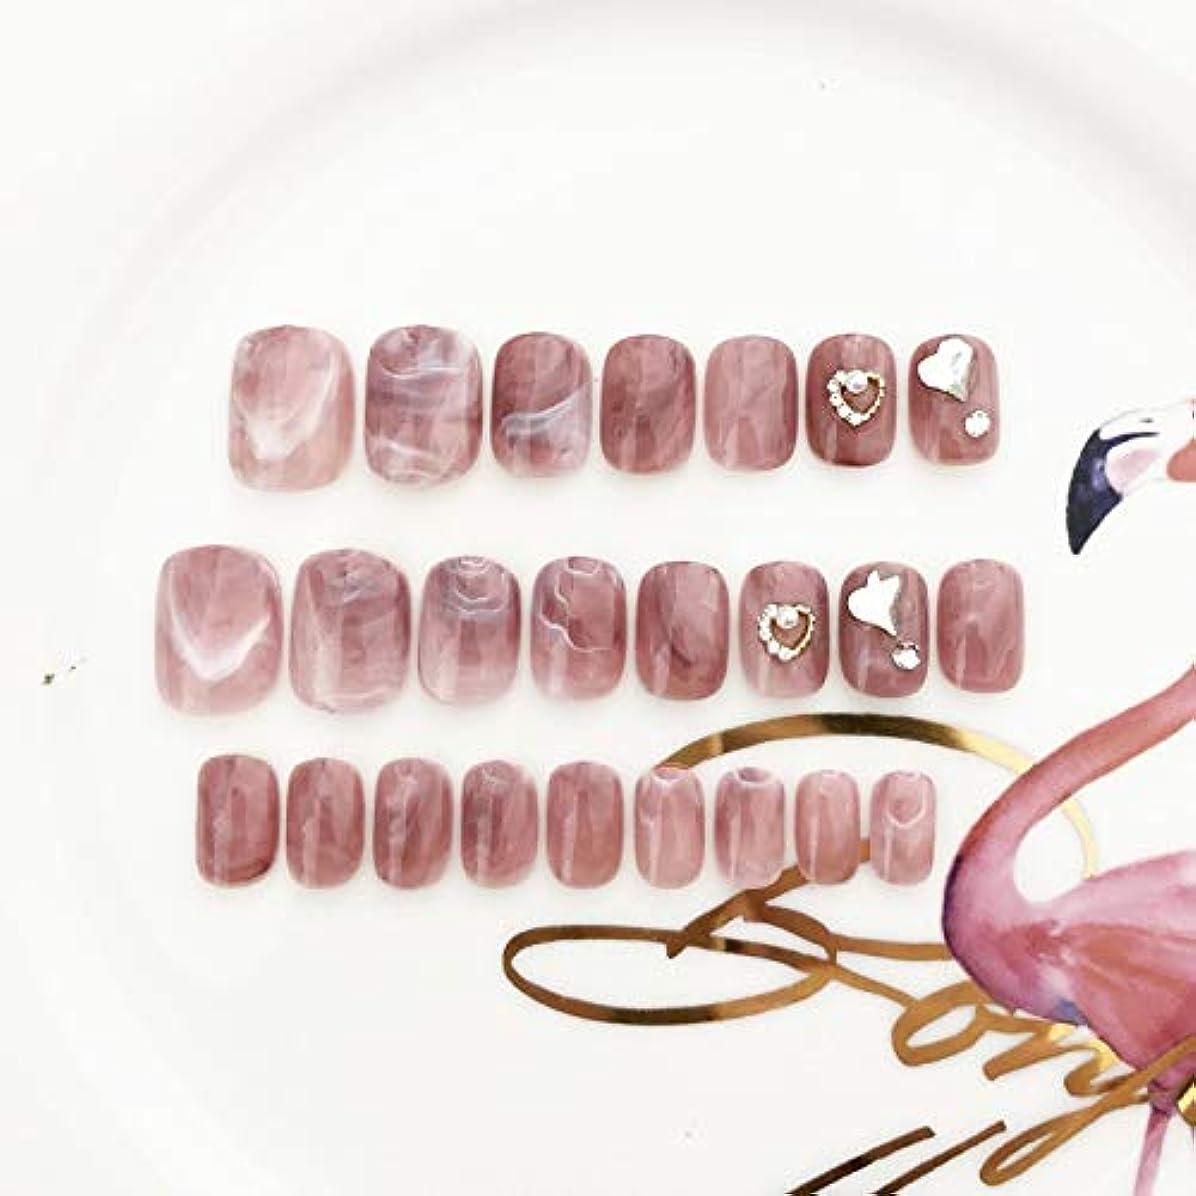 肉屋安息本物Jonathan ハンドケア 24pcs 12の異なるサイズの人工の偽の釘のピンクの赤い正方形のアクリルの完全なカバー偽造の釘